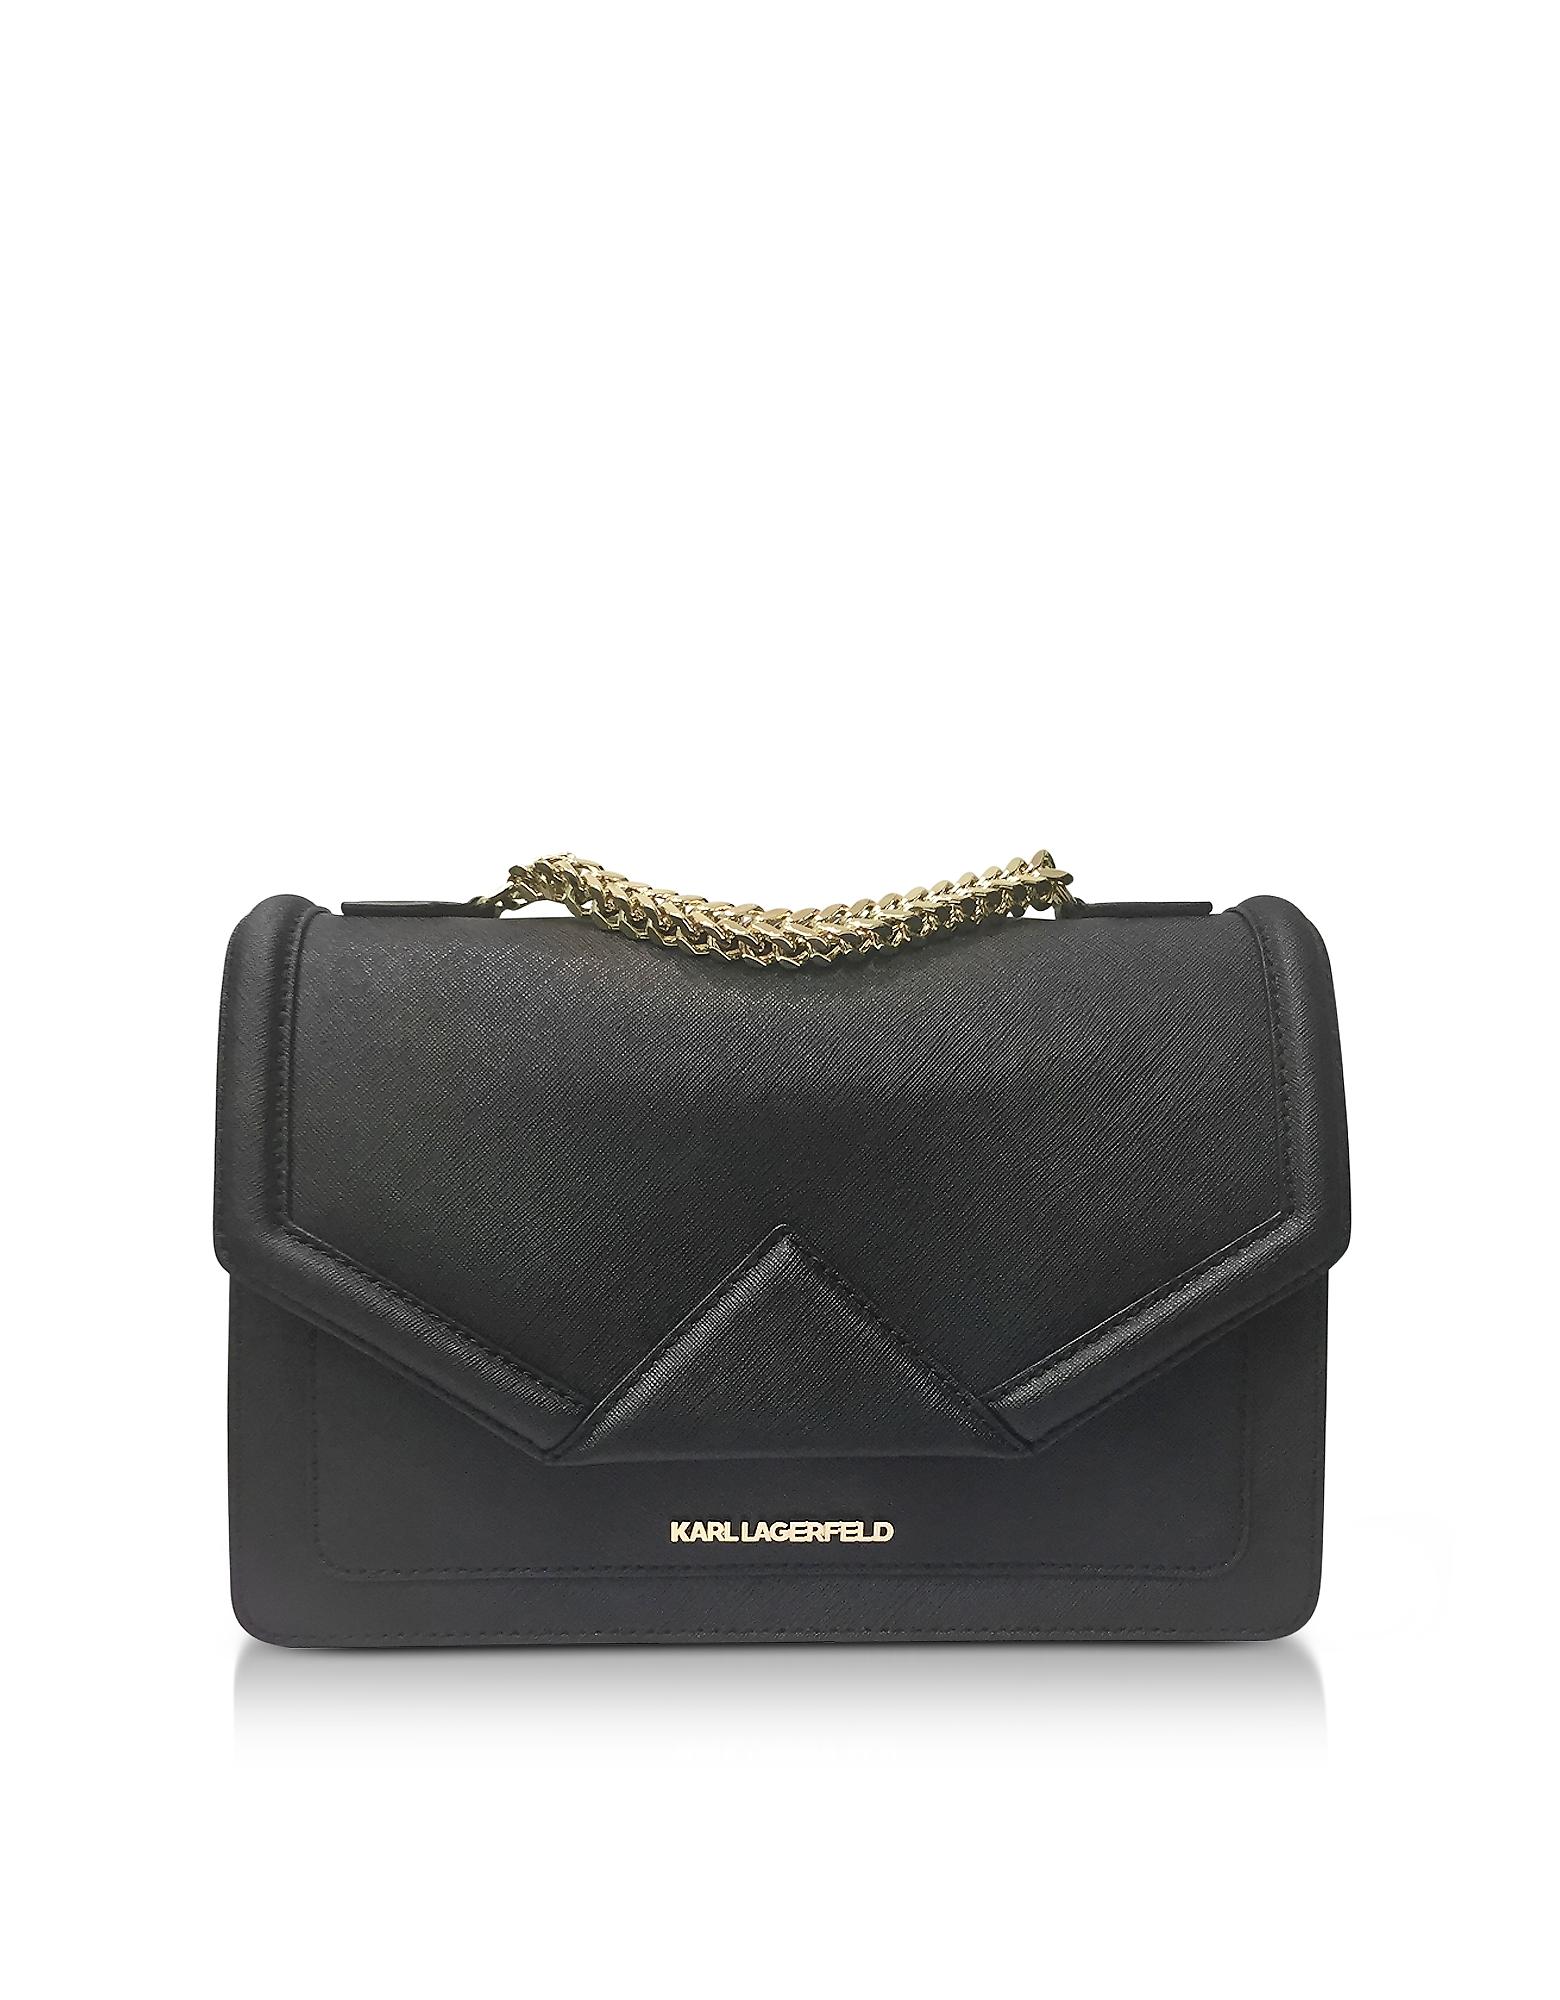 Karl Lagerfeld Handbags, K/Klassik Black Leather Shoulder Bag